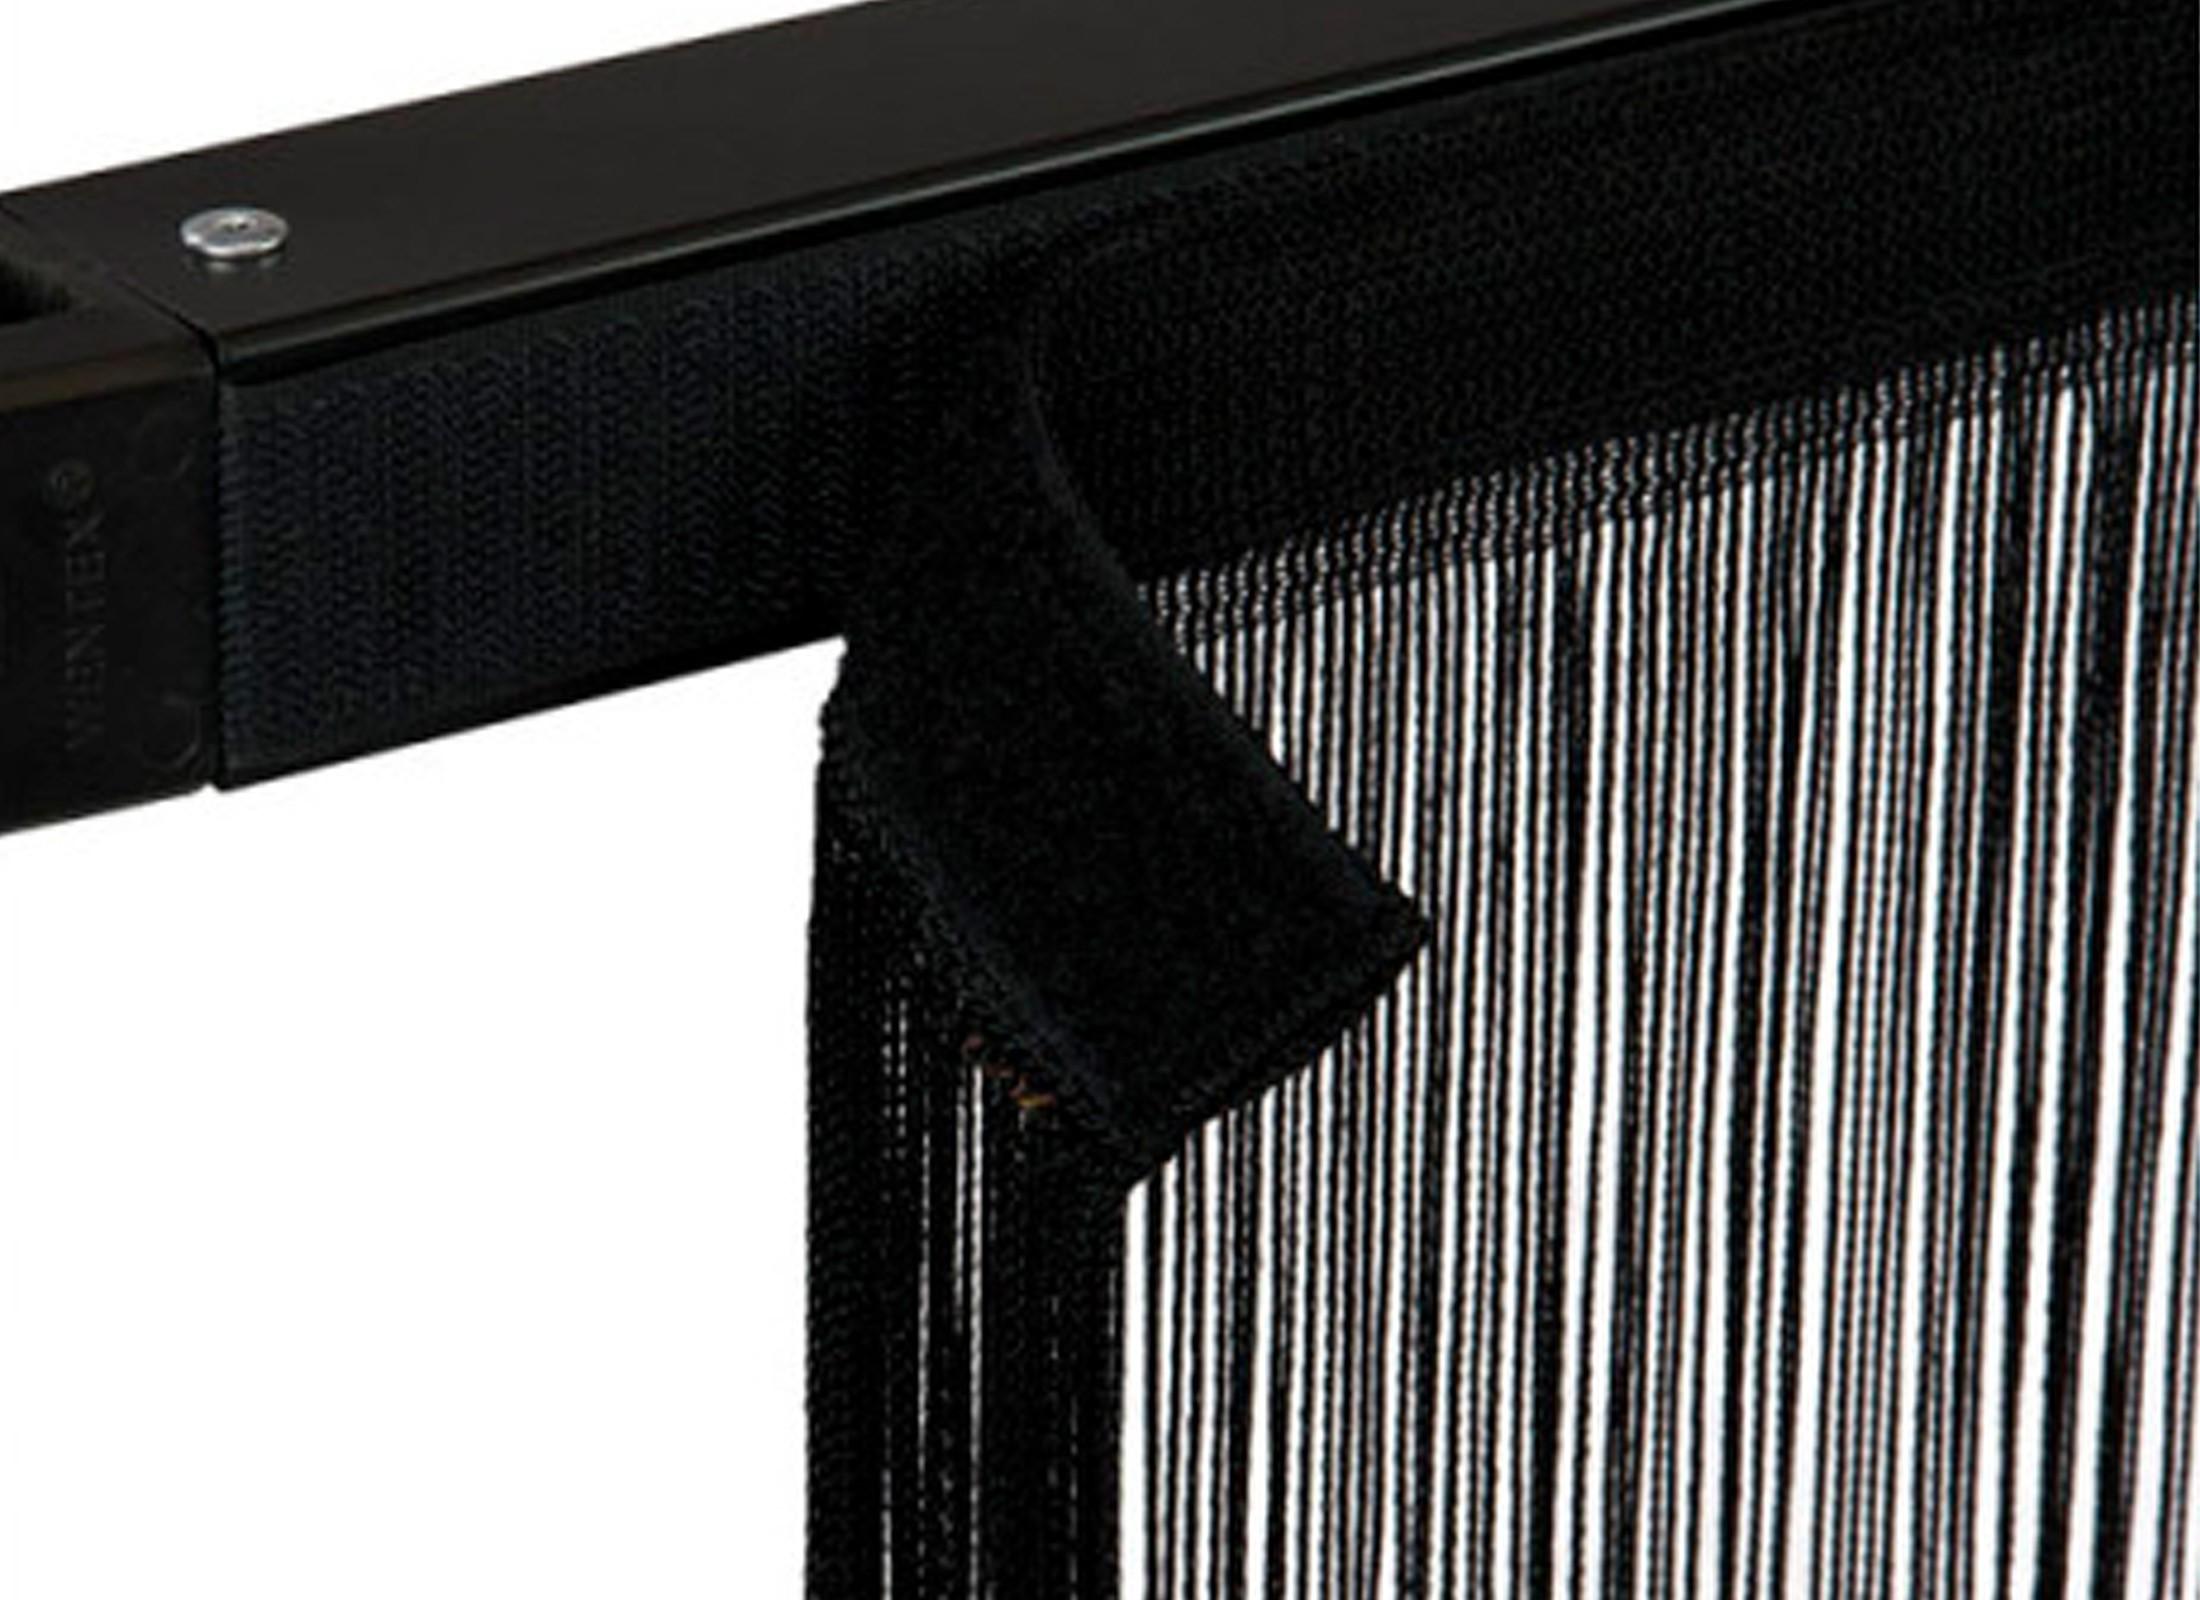 wentex pipes drapes vorhang fadenvorhang 3x3m 220g m schwar g nstig online kaufen bei huss. Black Bedroom Furniture Sets. Home Design Ideas